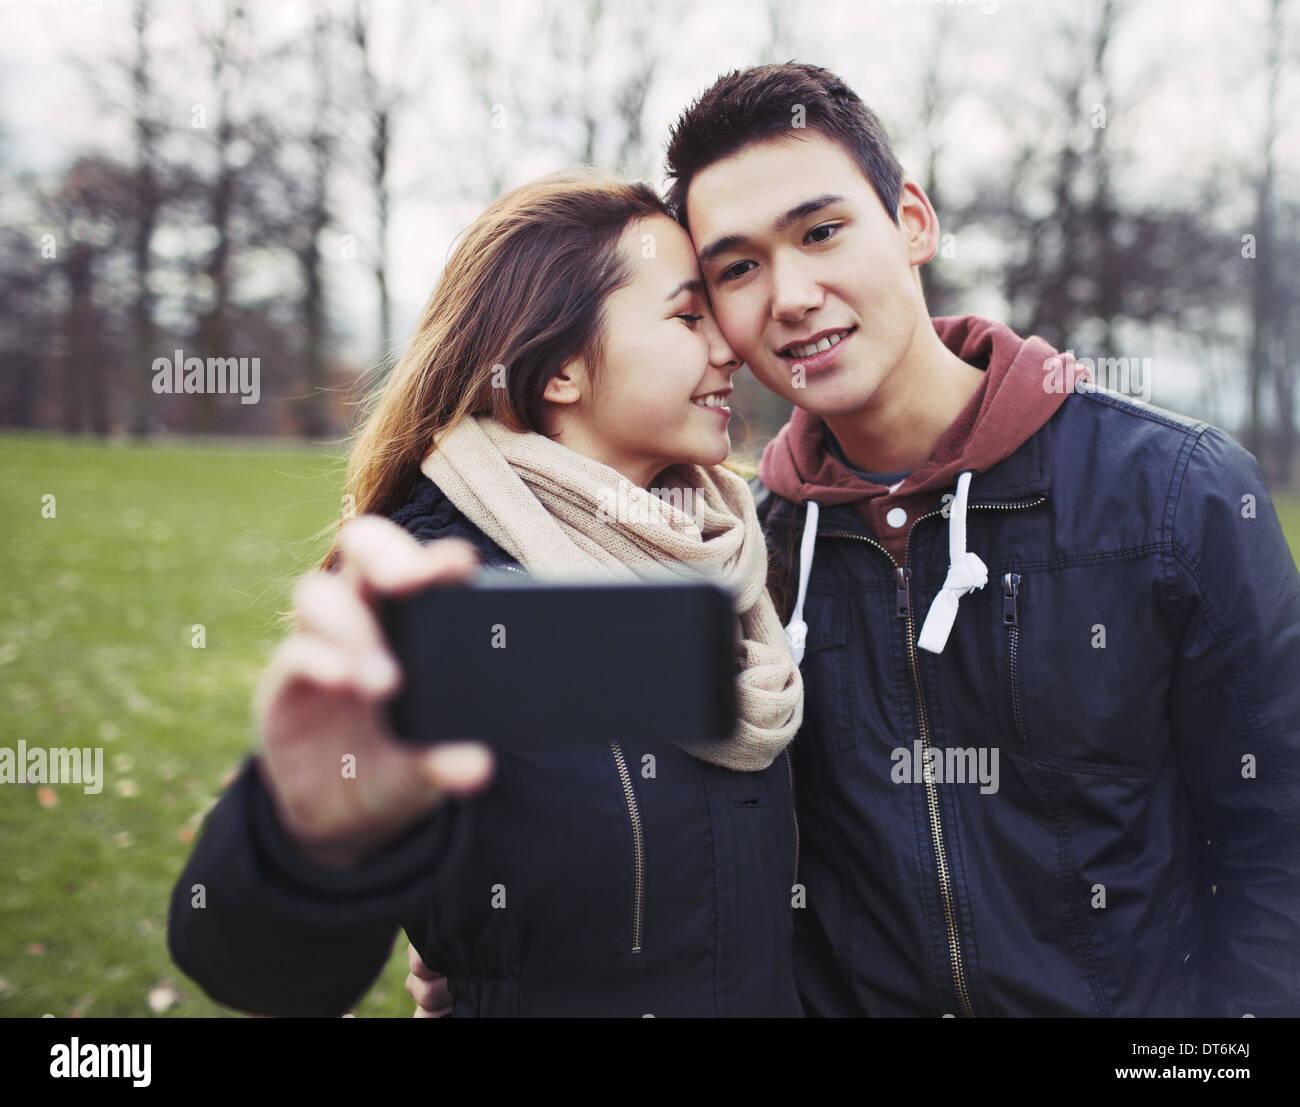 Afectuosa pareja joven tomando fotografías utilizando un teléfono inteligente en el parque. Adolescente y la chica enamorada fotografiando a sí mismos Imagen De Stock